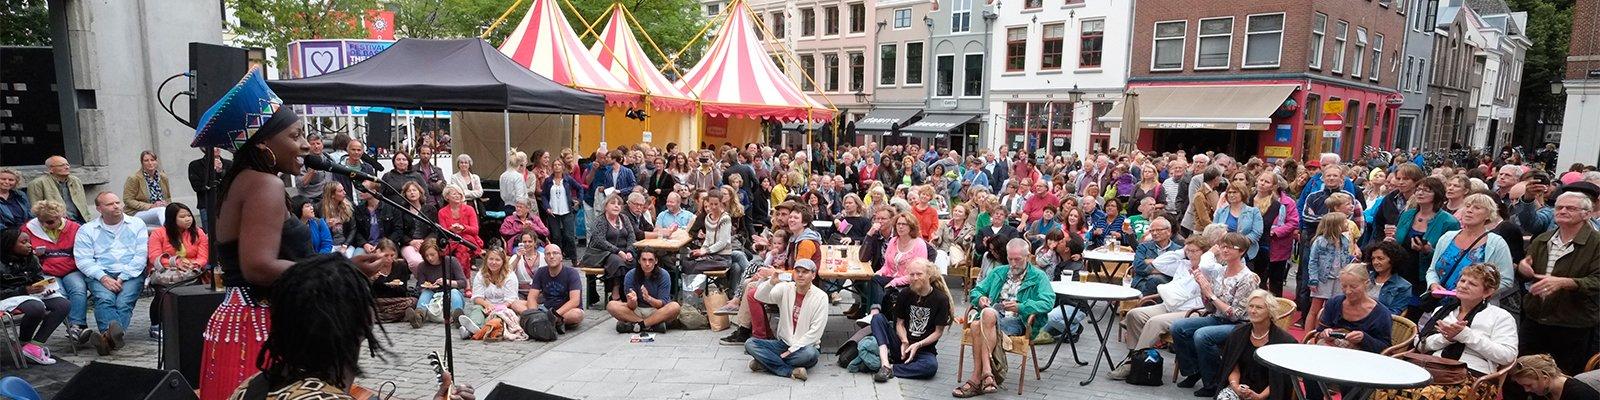 Afrikaanse band treedt op in de binnenstad van Utrecht